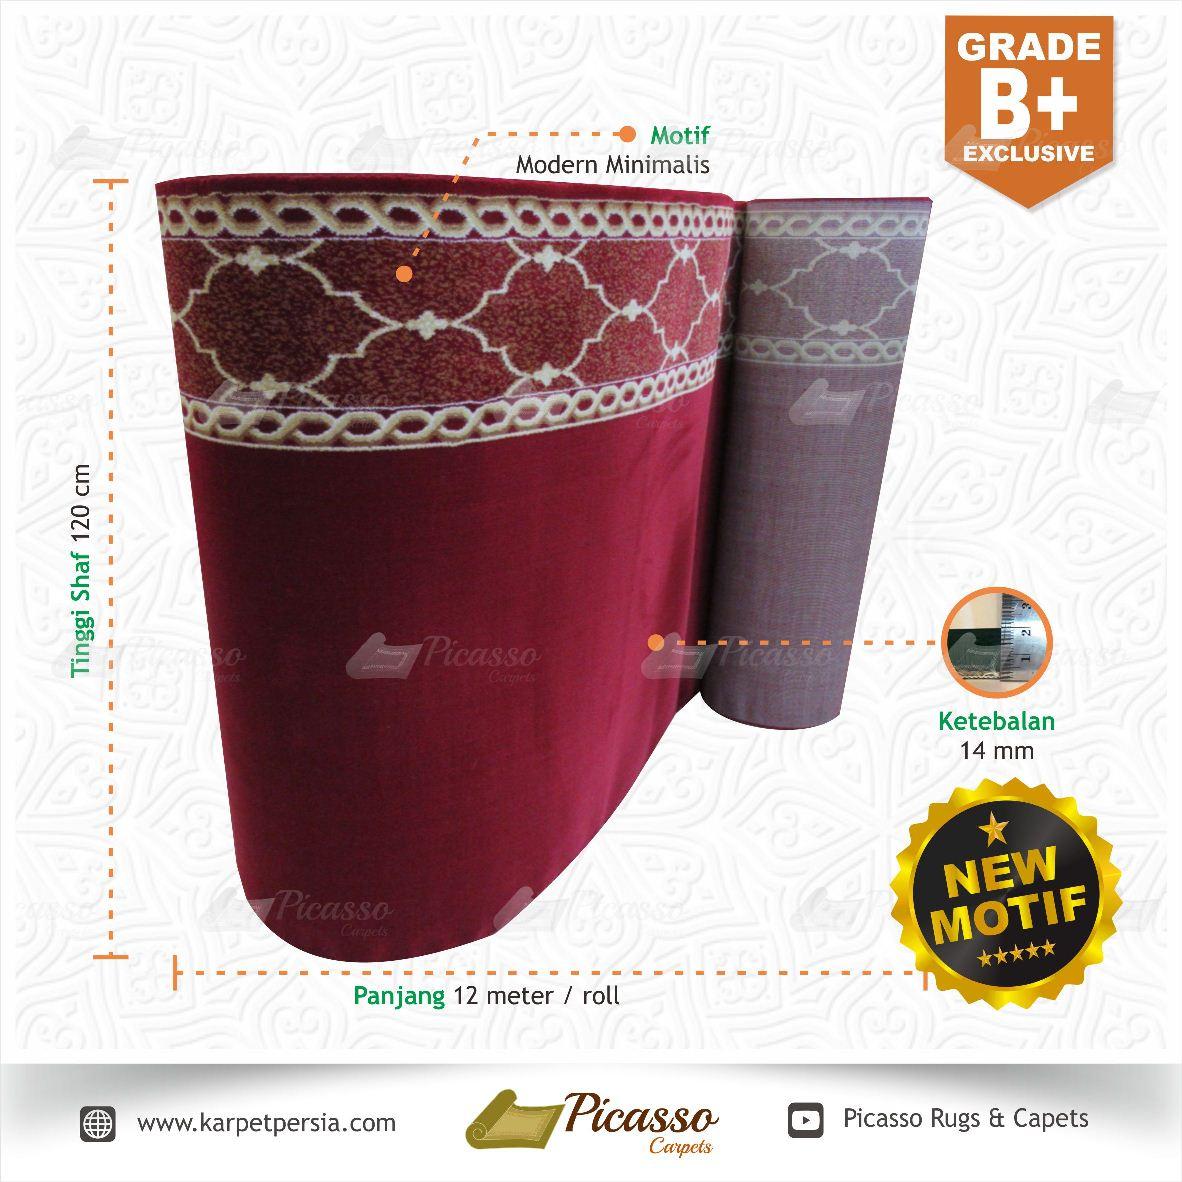 Karpet Masjid Grade B+ Exclusive